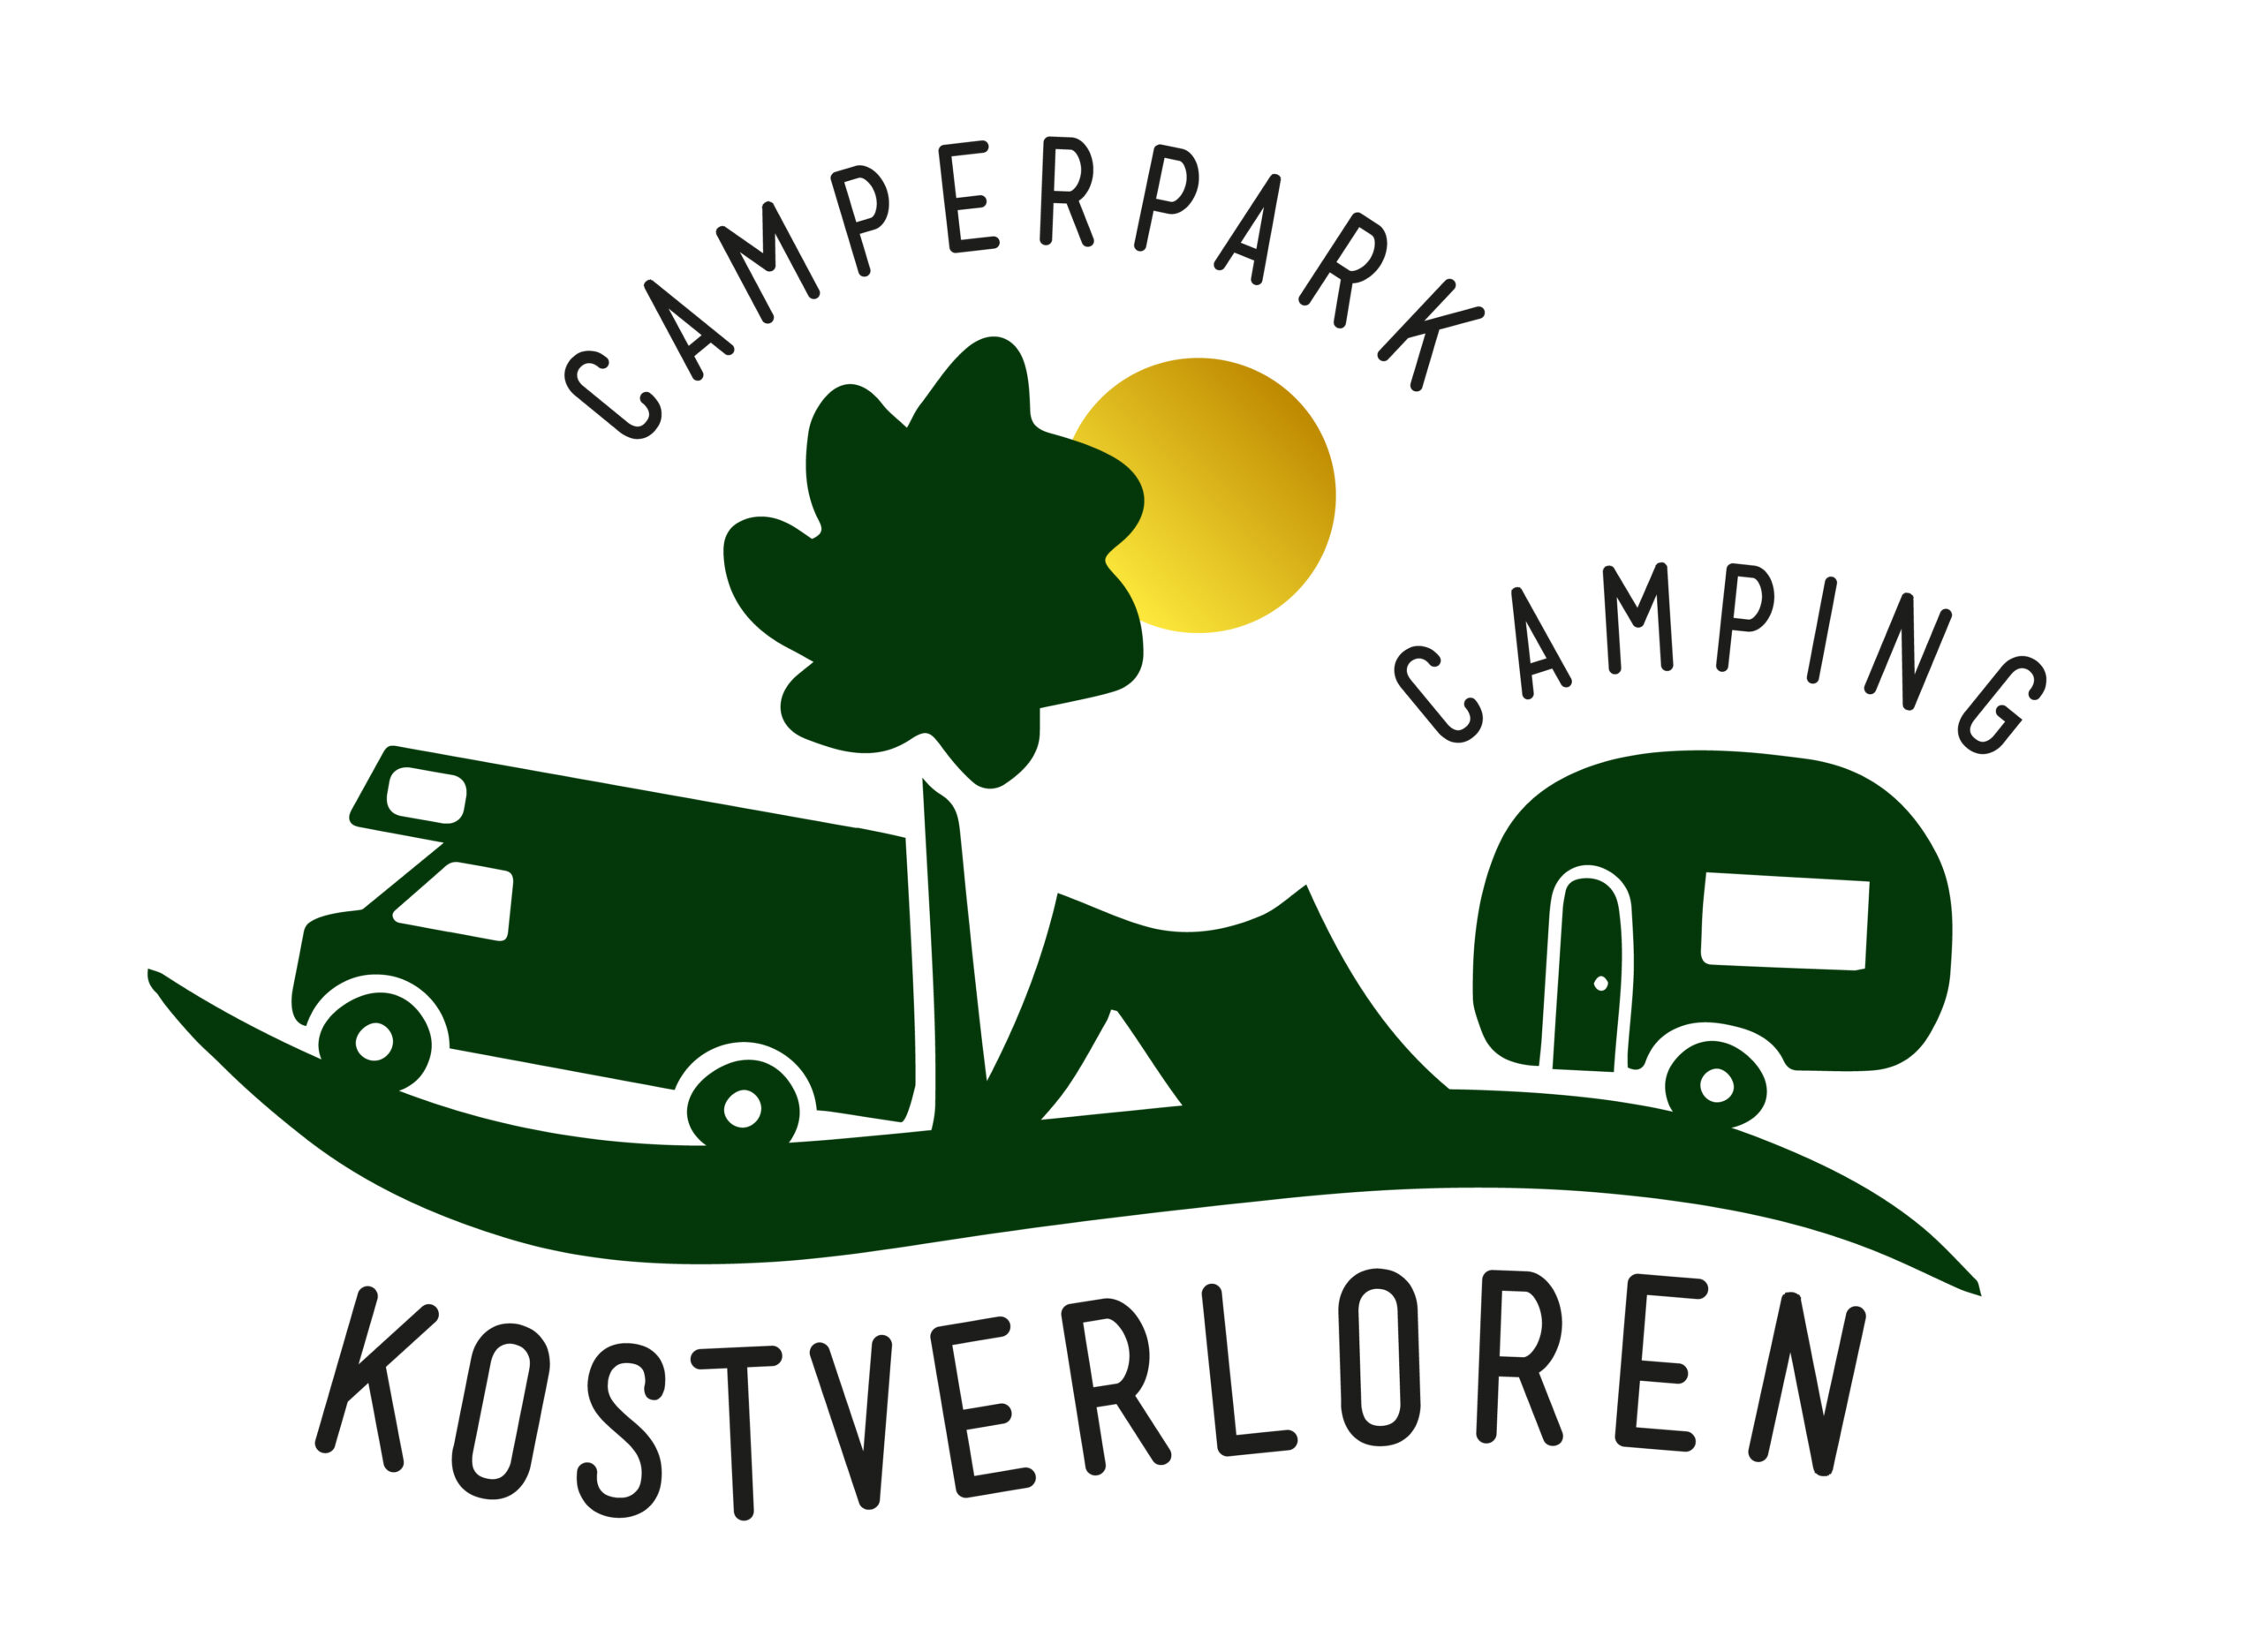 Camperpark Kostverloren